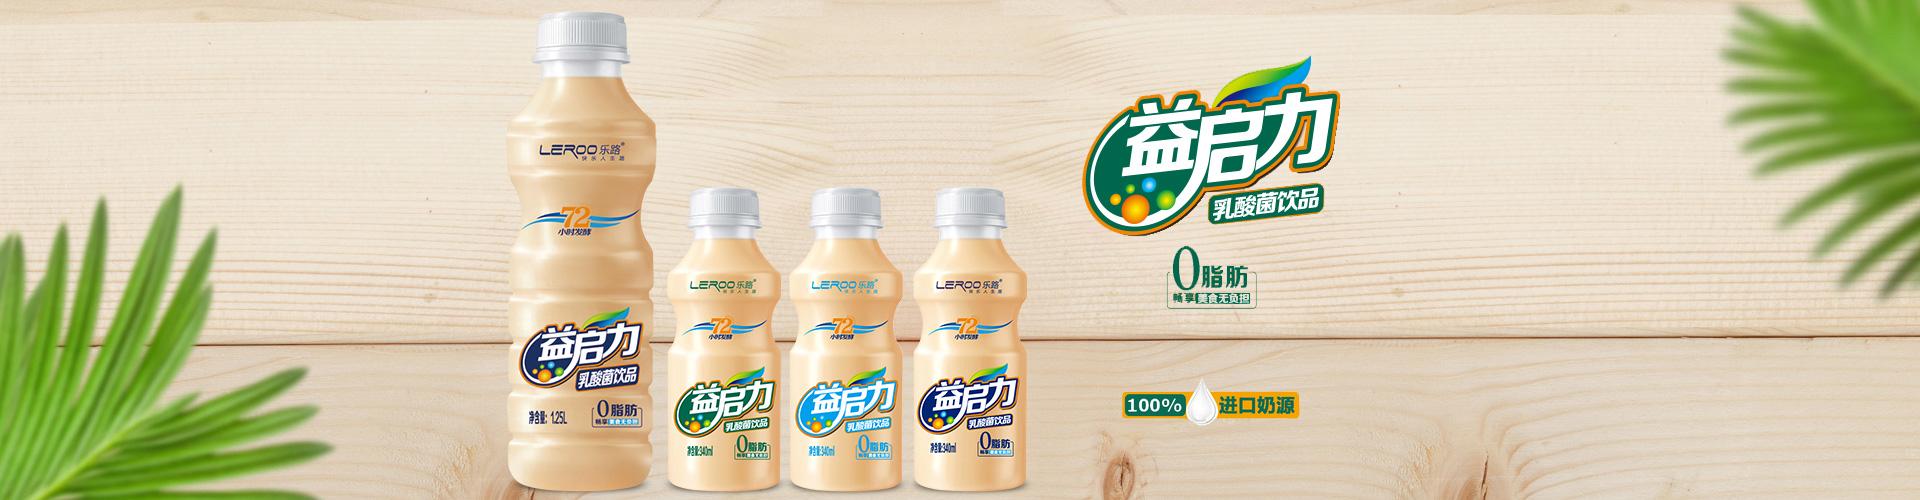 河北乐路食品饮料有限公司